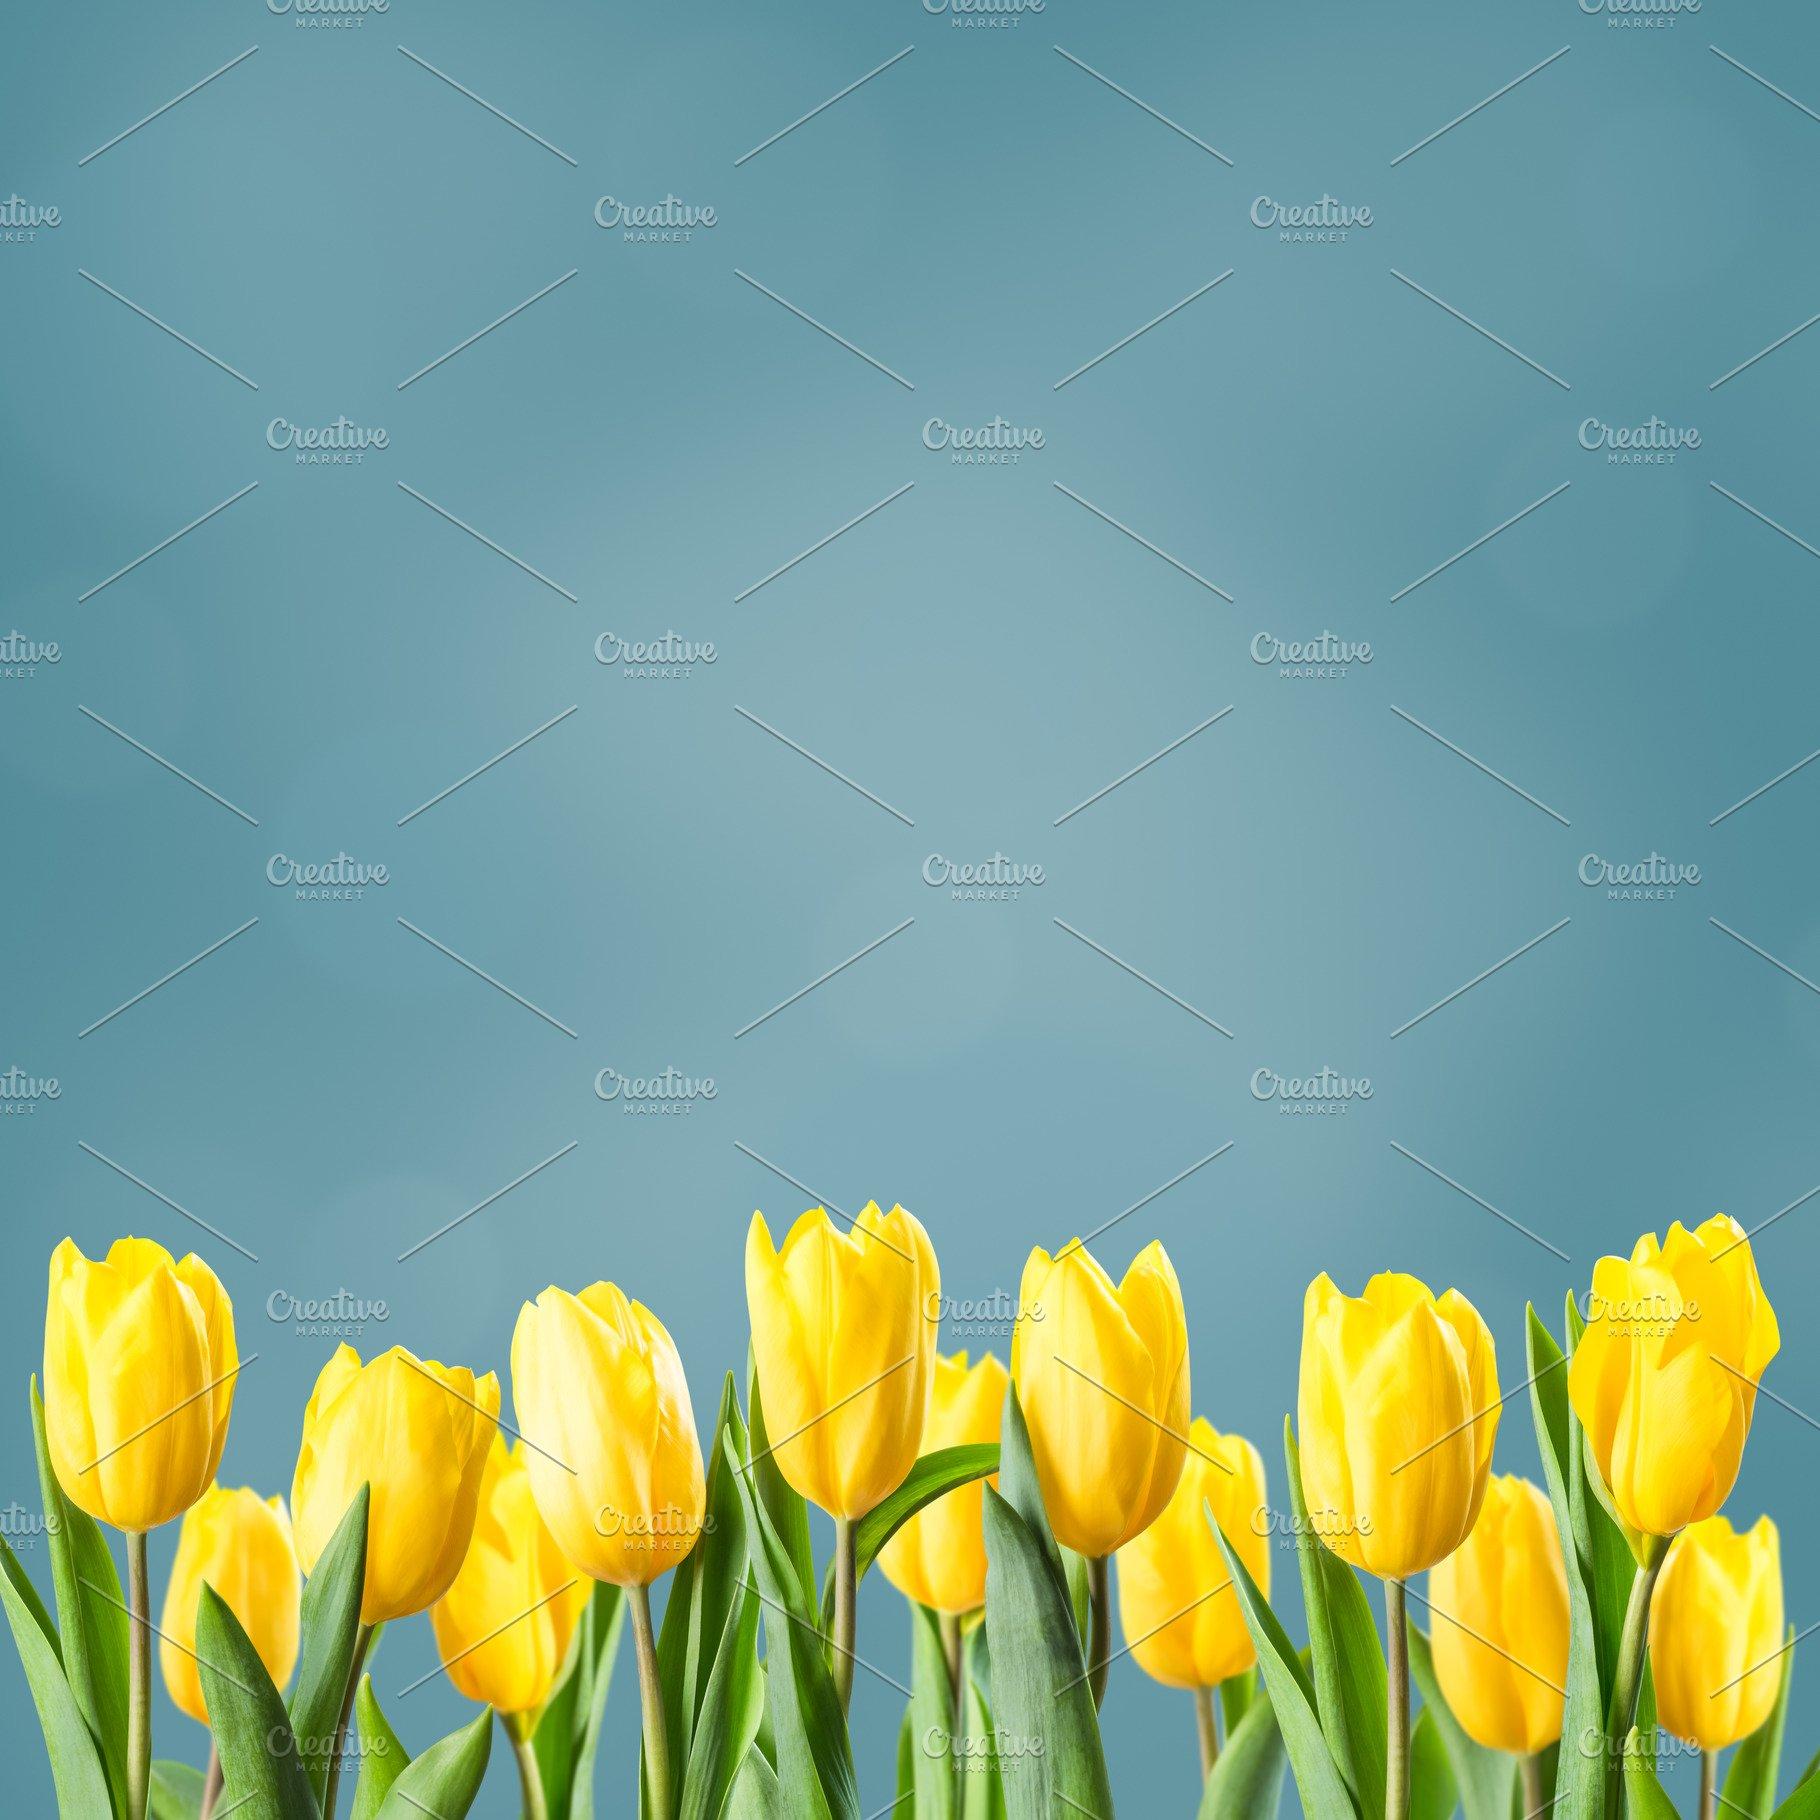 Sprind Floral Background For Design